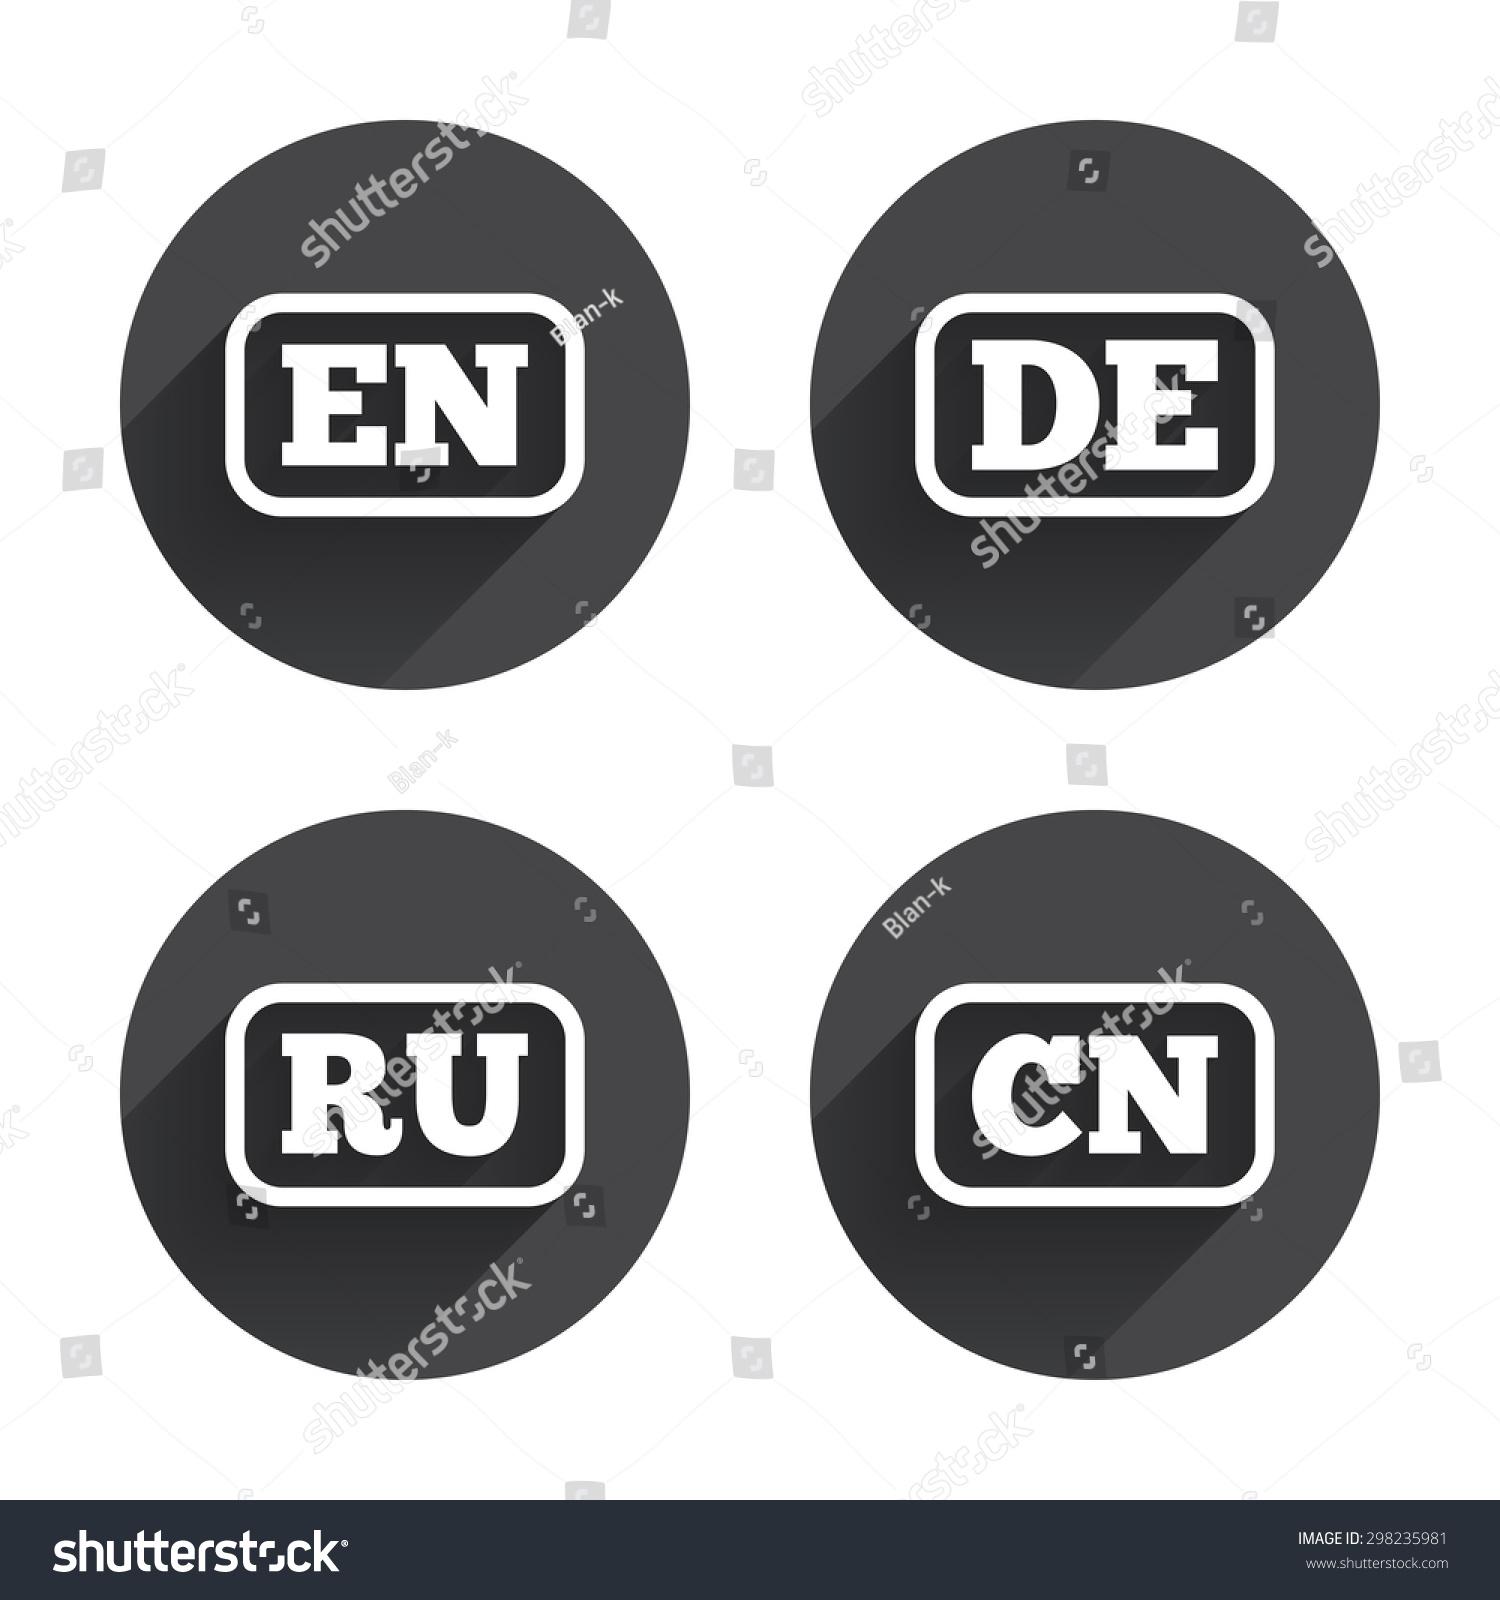 Language Icons En De Ru Cn Stock Vector Royalty Free 298235981